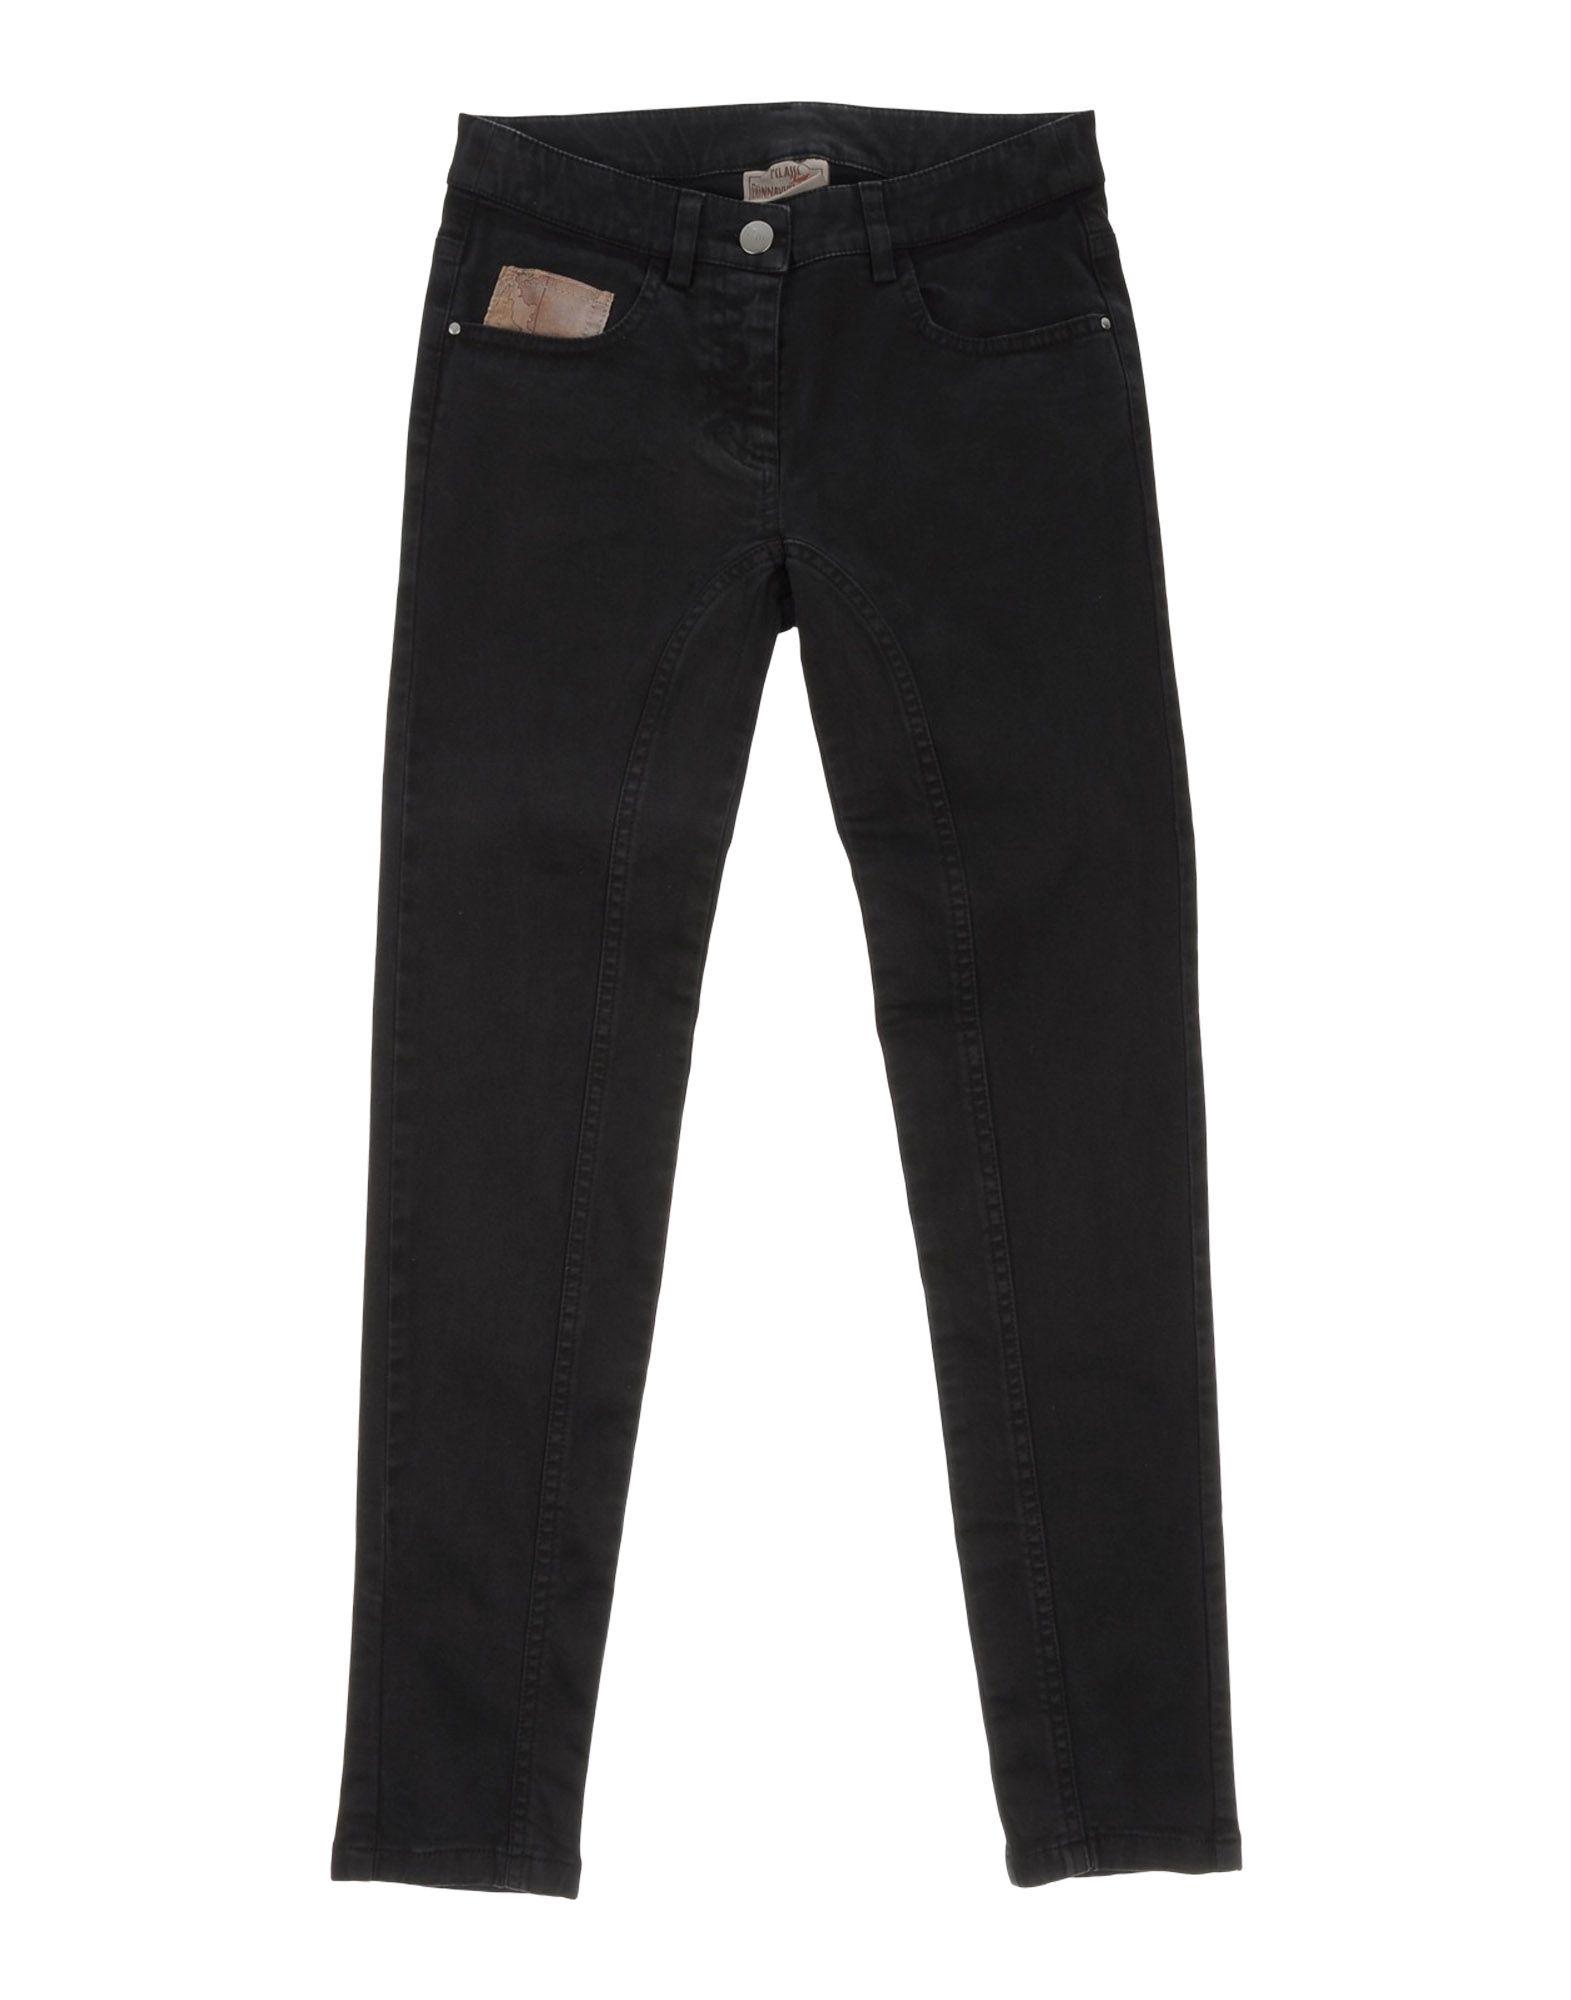 《セール開催中》DONNAVVENTURA by ALVIERO MARTINI 1a CLASSE ガールズ 9-16 歳 パンツ ブラック 10 コットン 97% / ポリウレタン 3%